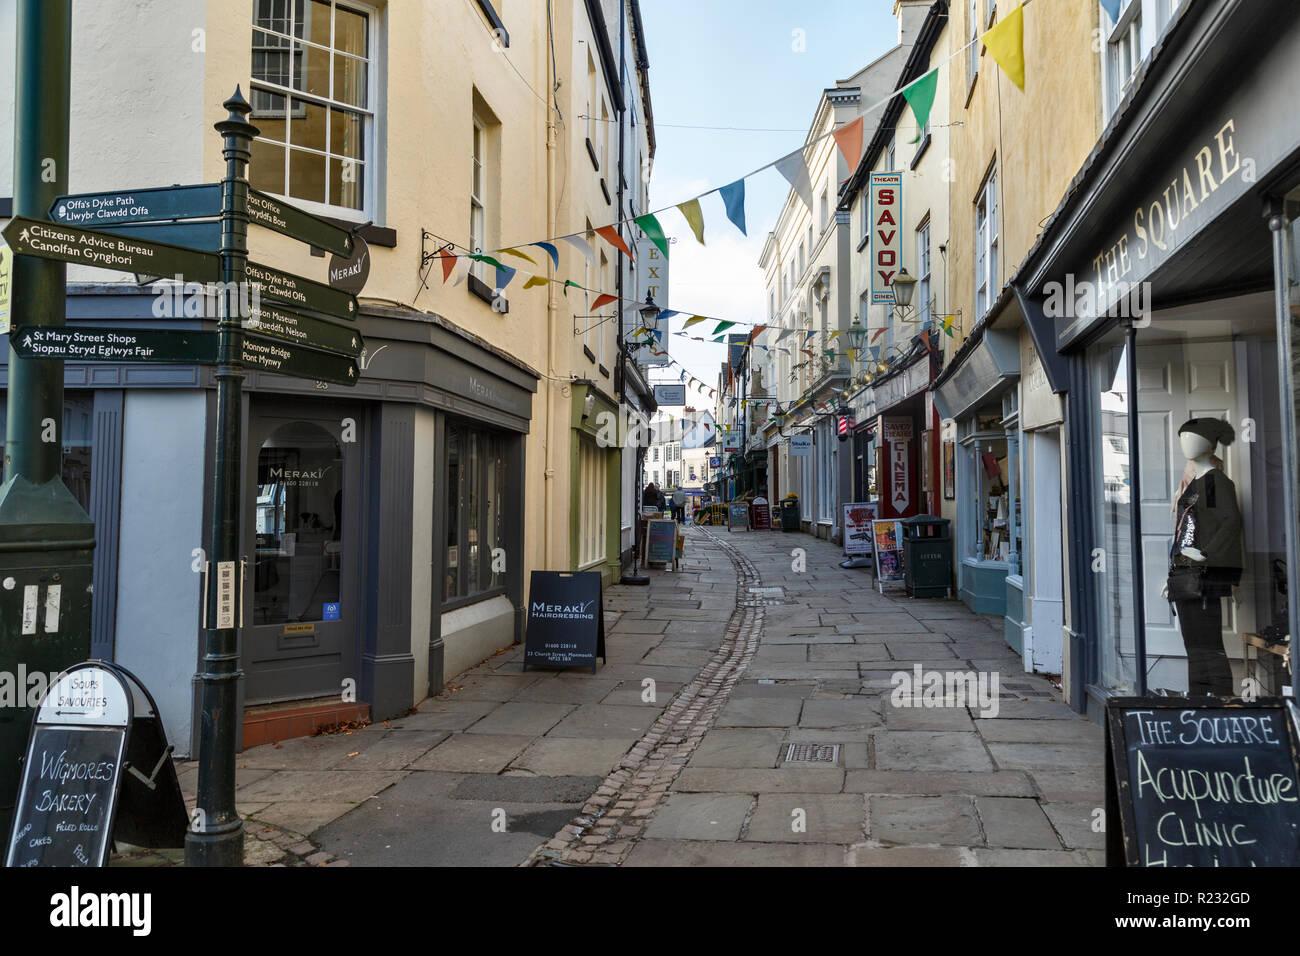 Church Street, Monmouth, einer belebten Fußgängerzone mit einer Reihe von kleinen, unabhängigen Geschäften. Stockbild